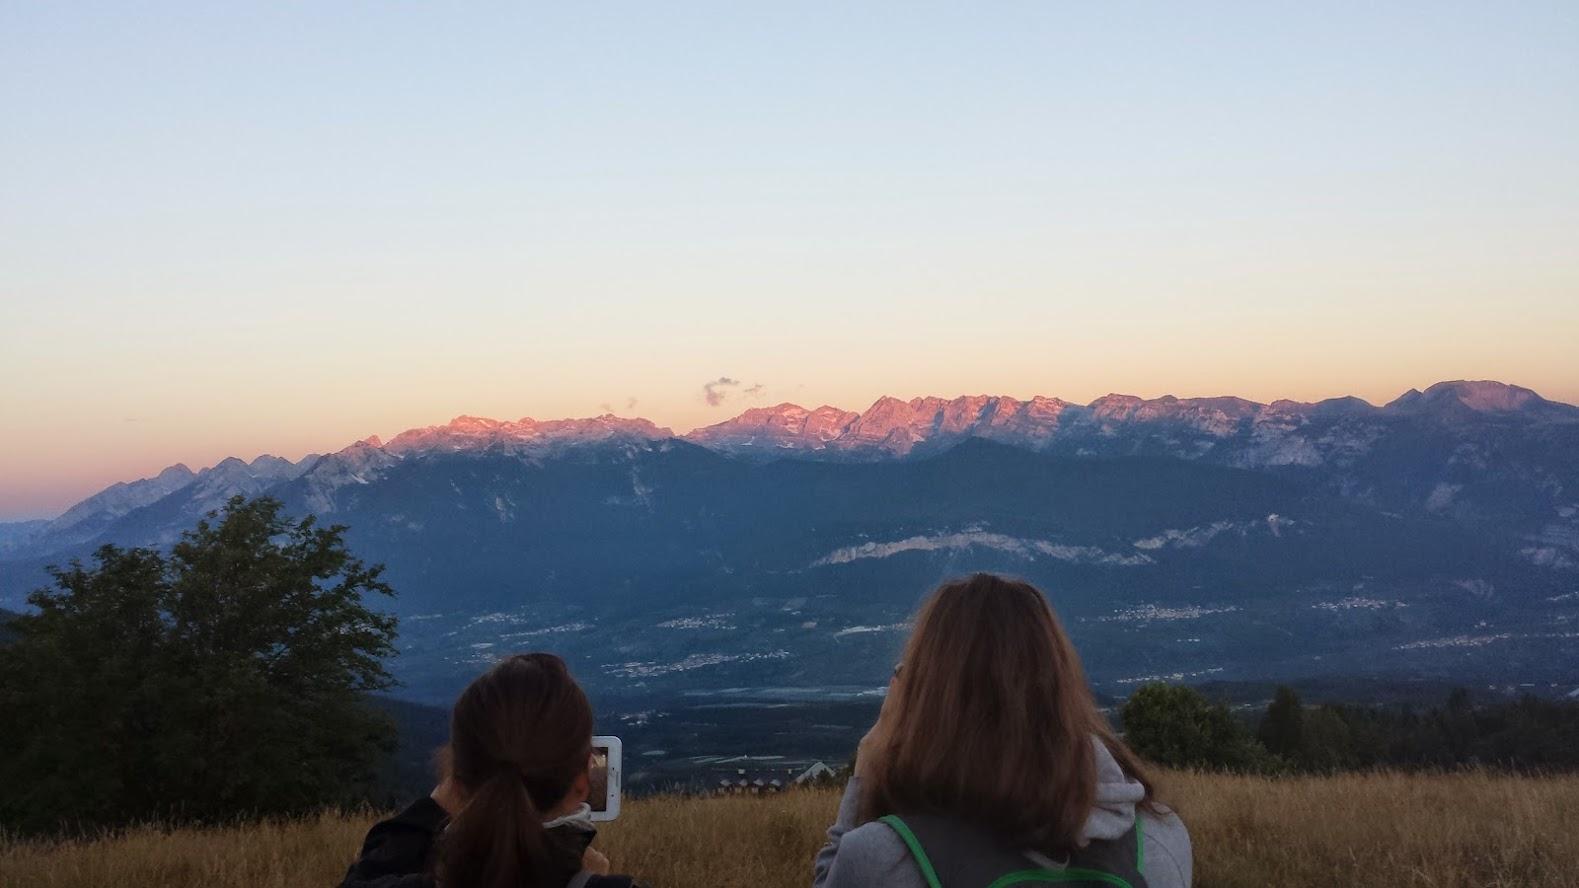 Enrosadira sulle Dolomiti di Brenta, un'alba da fotografare